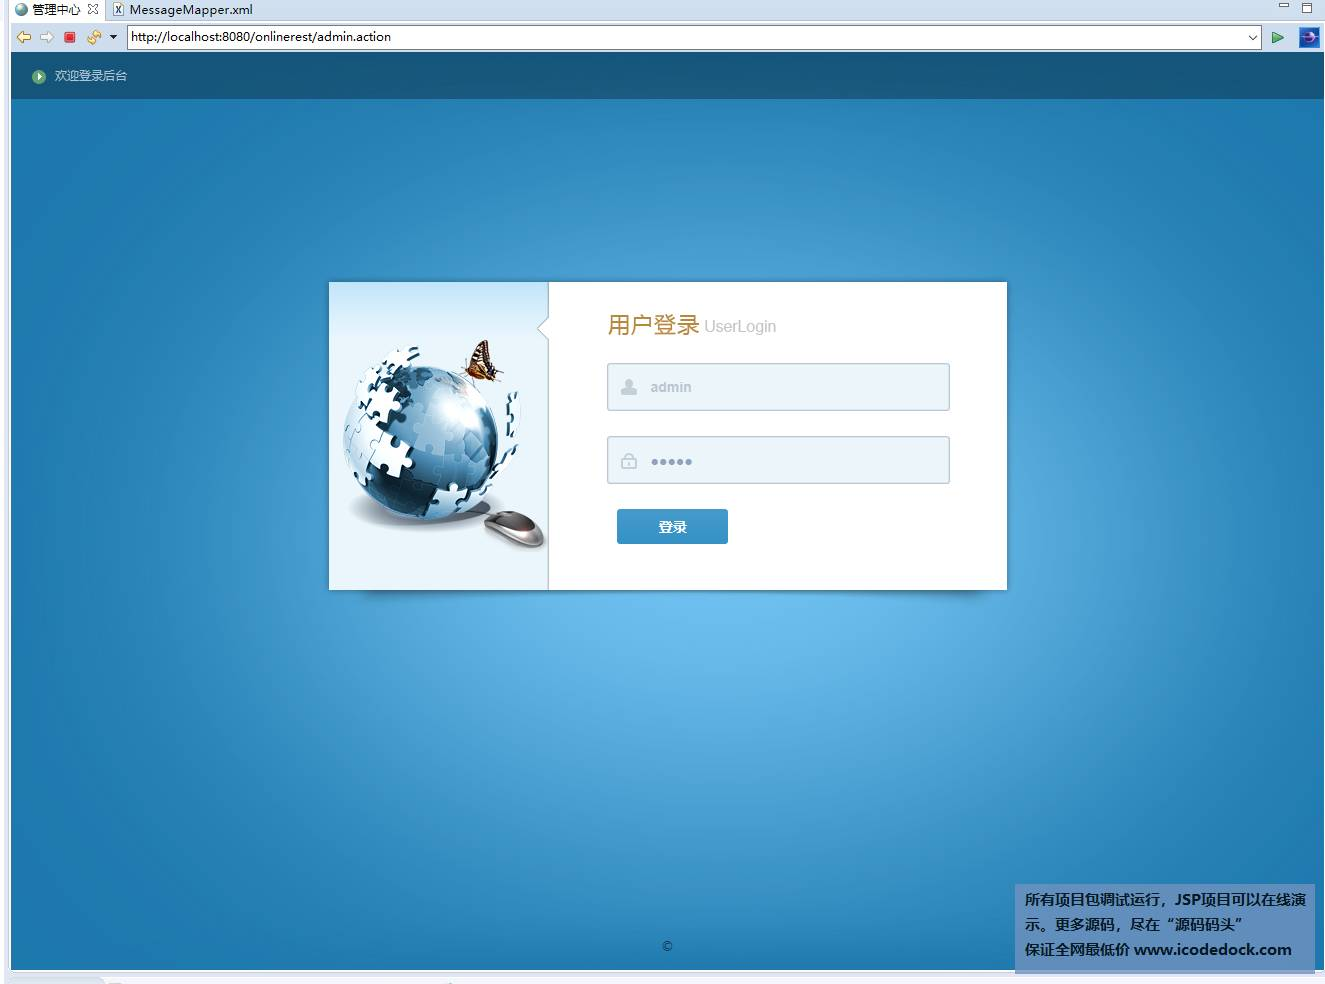 源码码头-SSM网上外卖订餐管理系统-管理员-登录